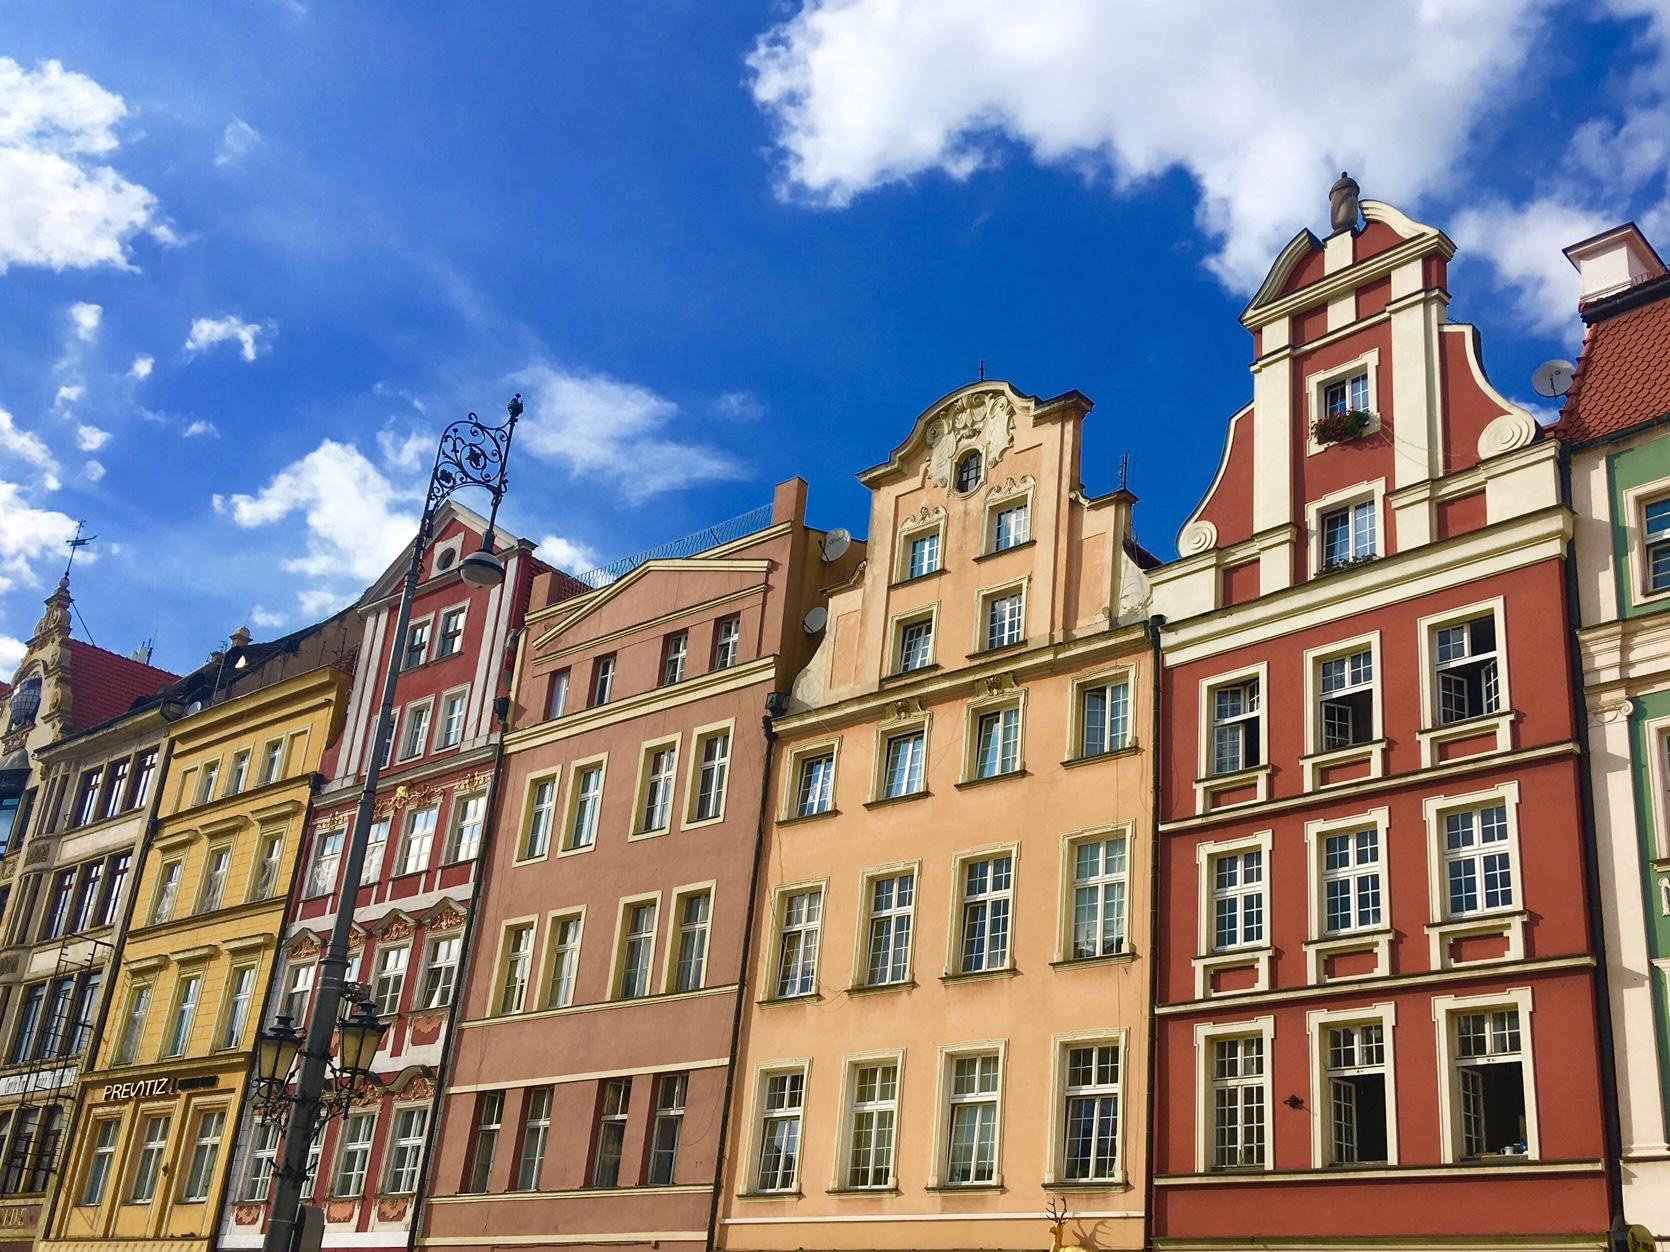 ポーランドの美しい街並み ヴロツワフ旧市街